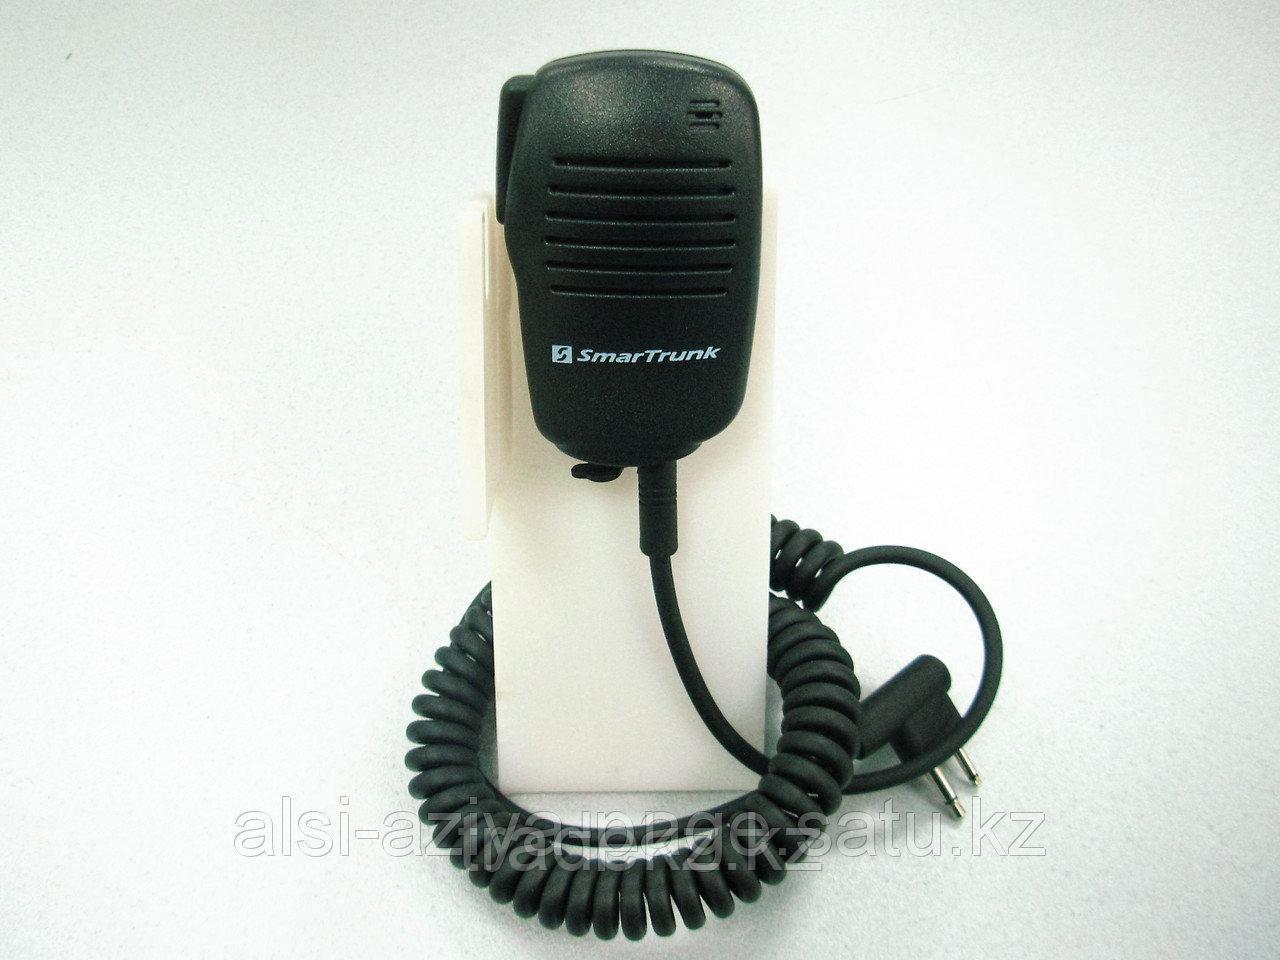 Микрофон SmarTrunk ST-0407 выносной, со встроенным динамиком для носимых радиостанций Kenwood